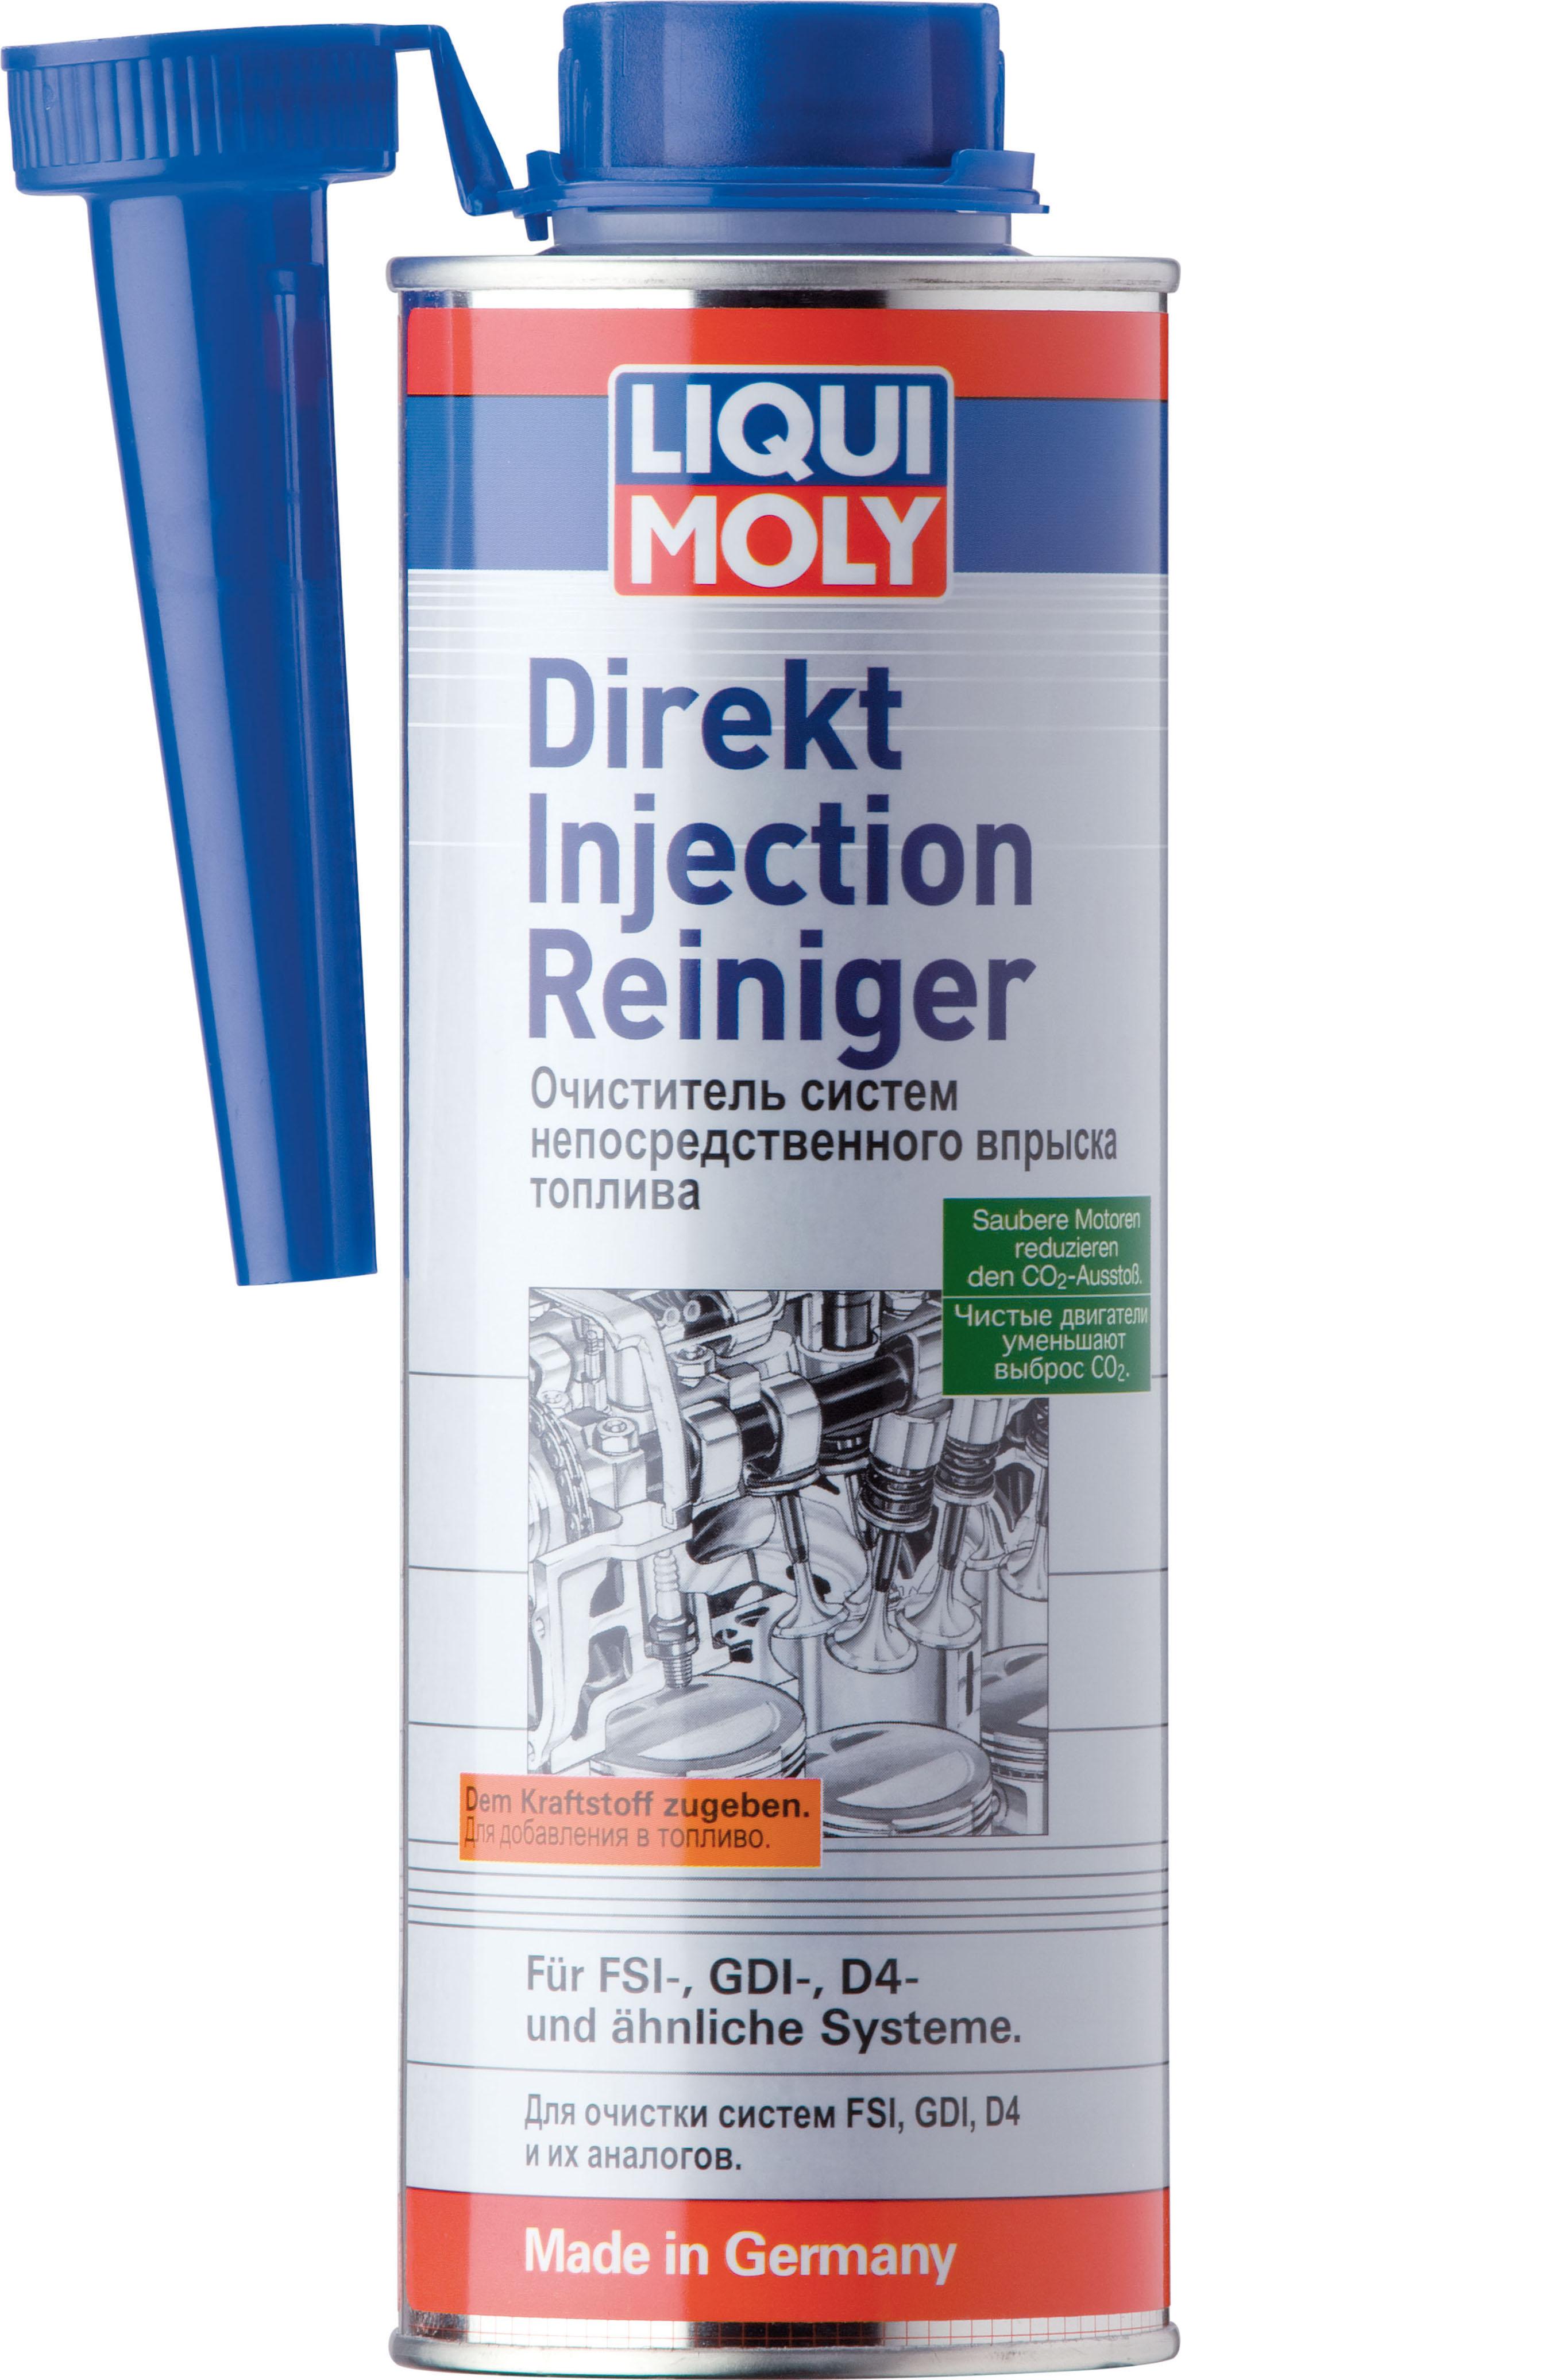 Очиститель систем непосредственного впрыска топлива Direkt Injection Reiniger